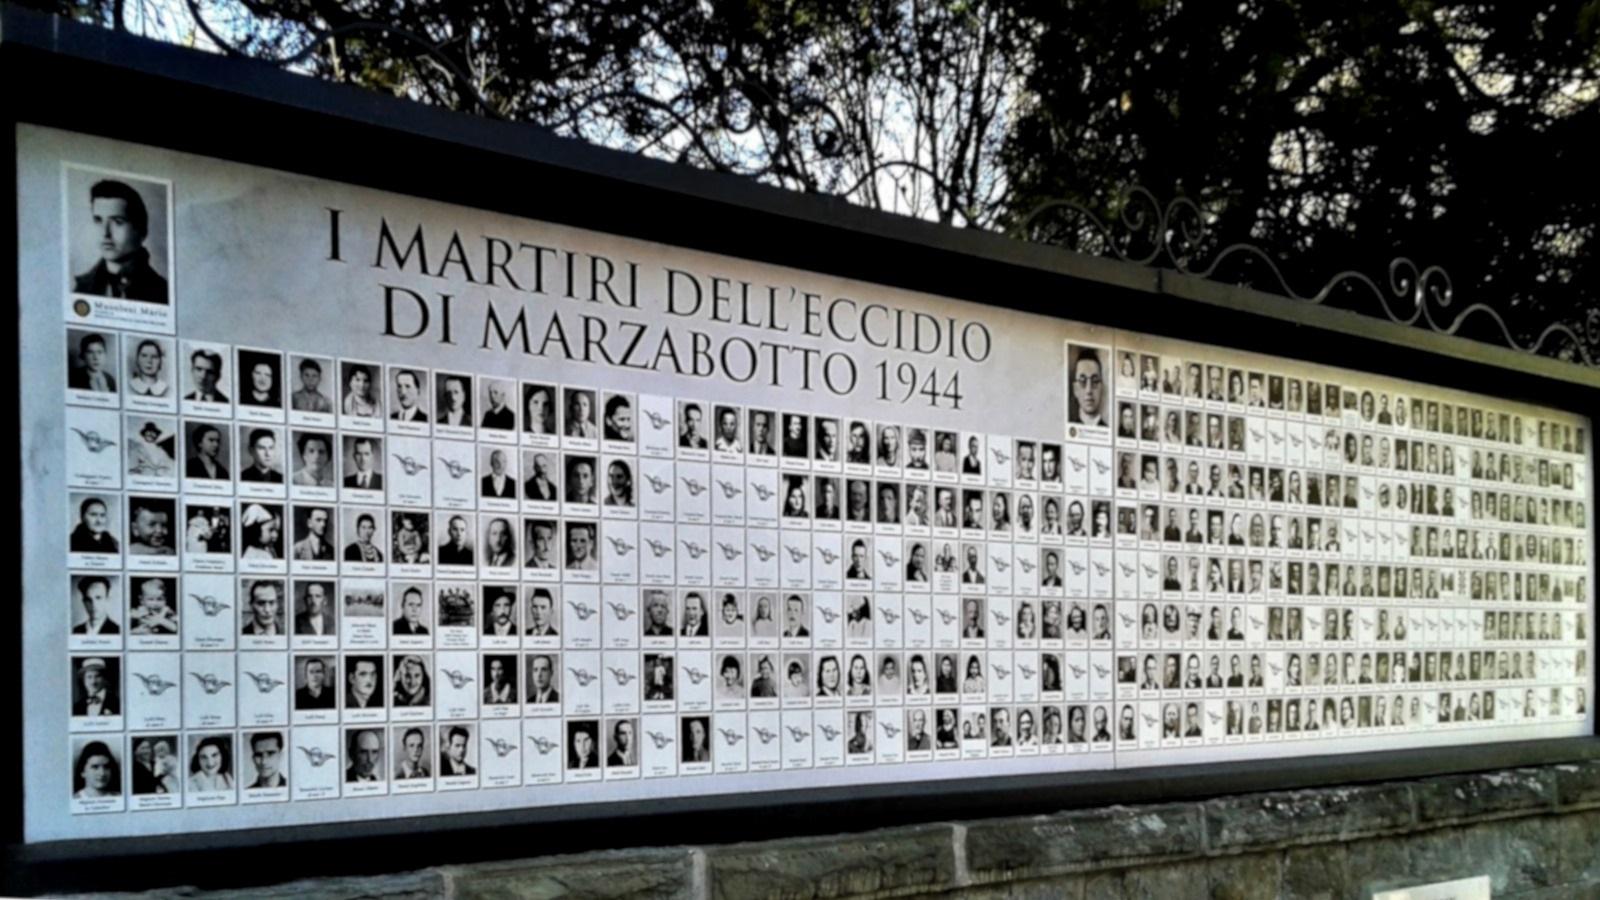 marzabotto caduti memoriale